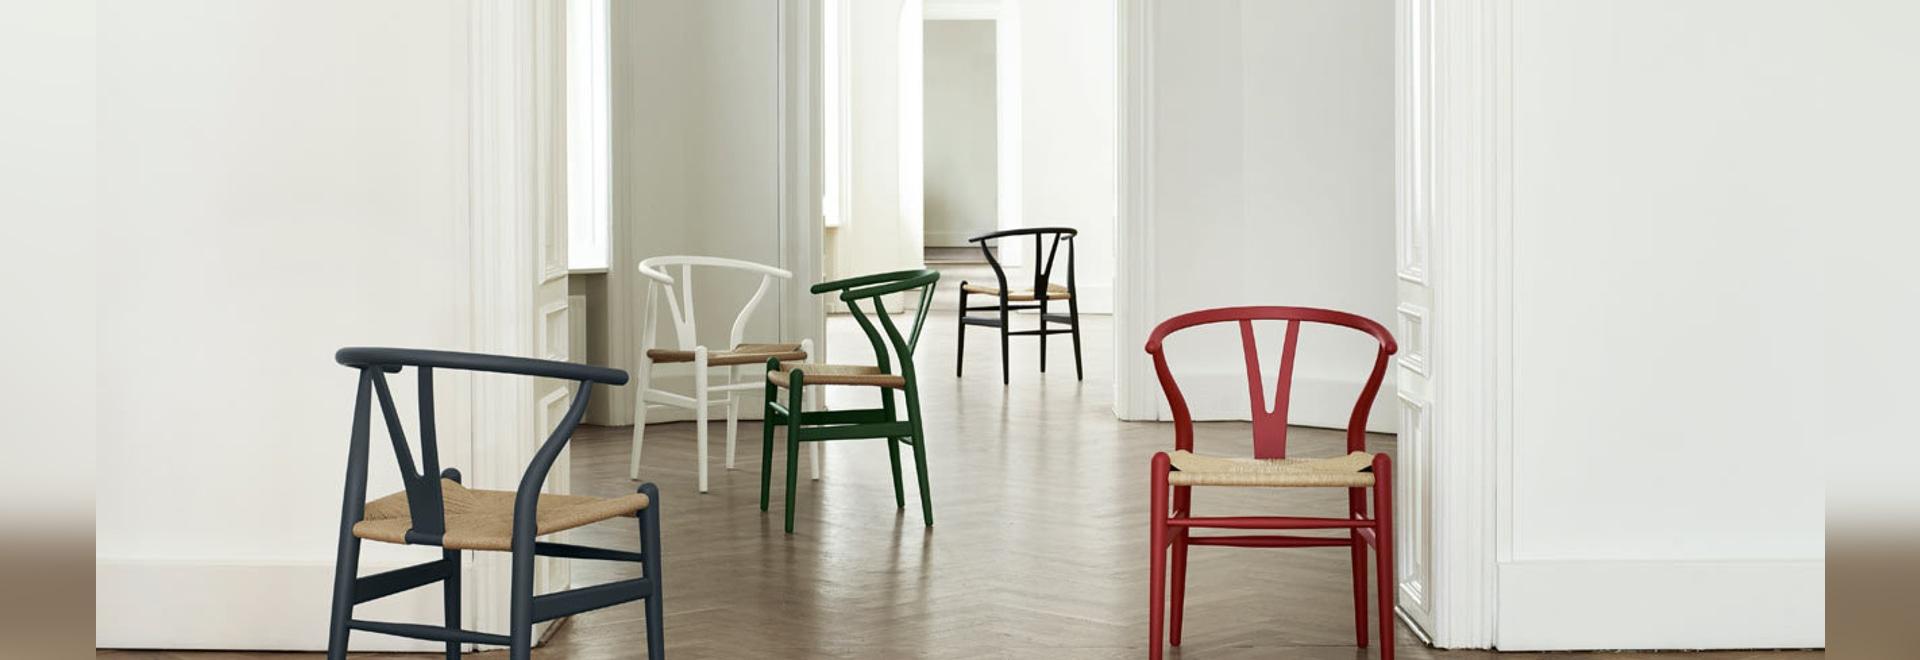 Carl Hansen lancia la sedia Wishbone Chair in edizione limitata in colori tenui